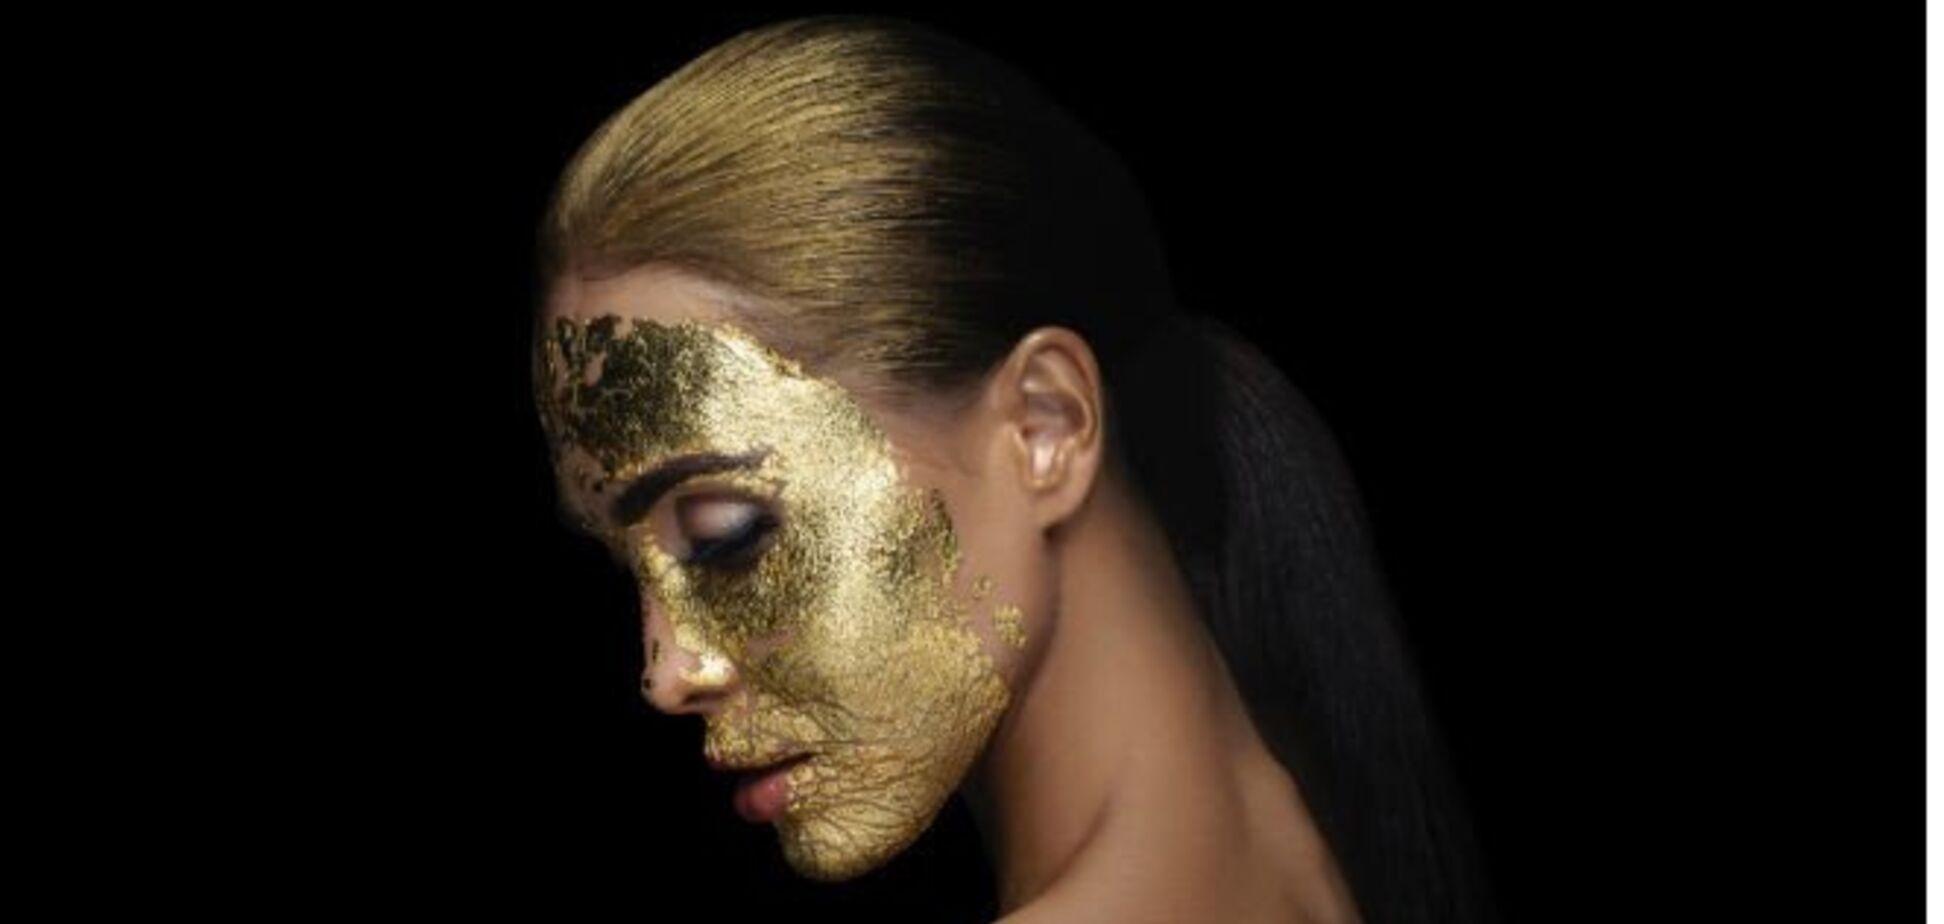 Как бесплатно получить процедуру в салоне красоты . Источник: pinterest.com